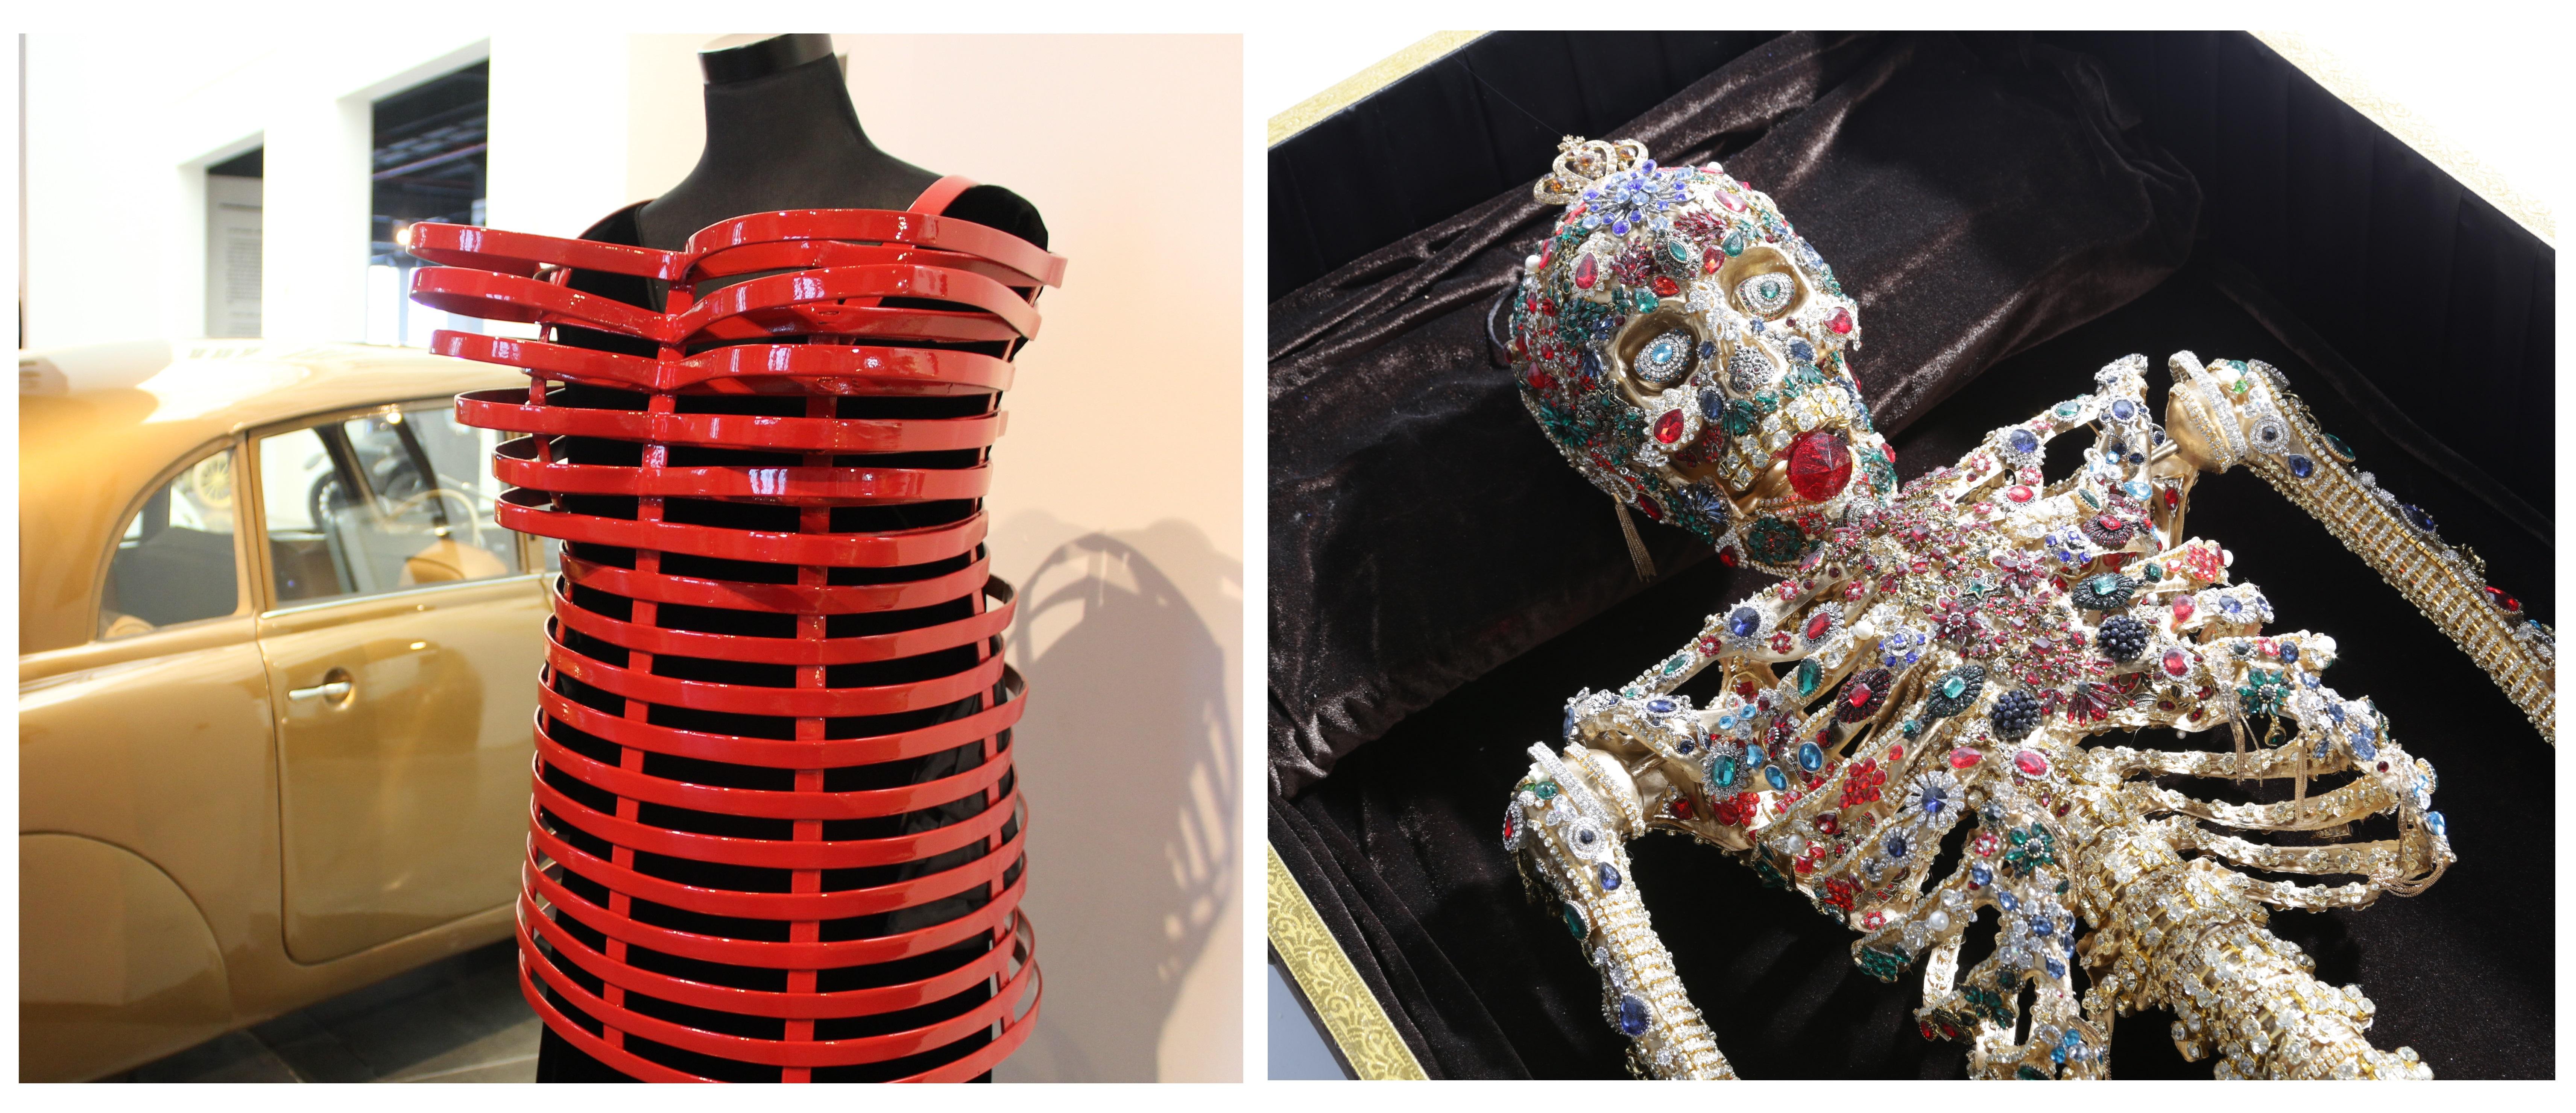 El MAM amplía su colección con dos nuevas piezas temporales y una instalación permanente